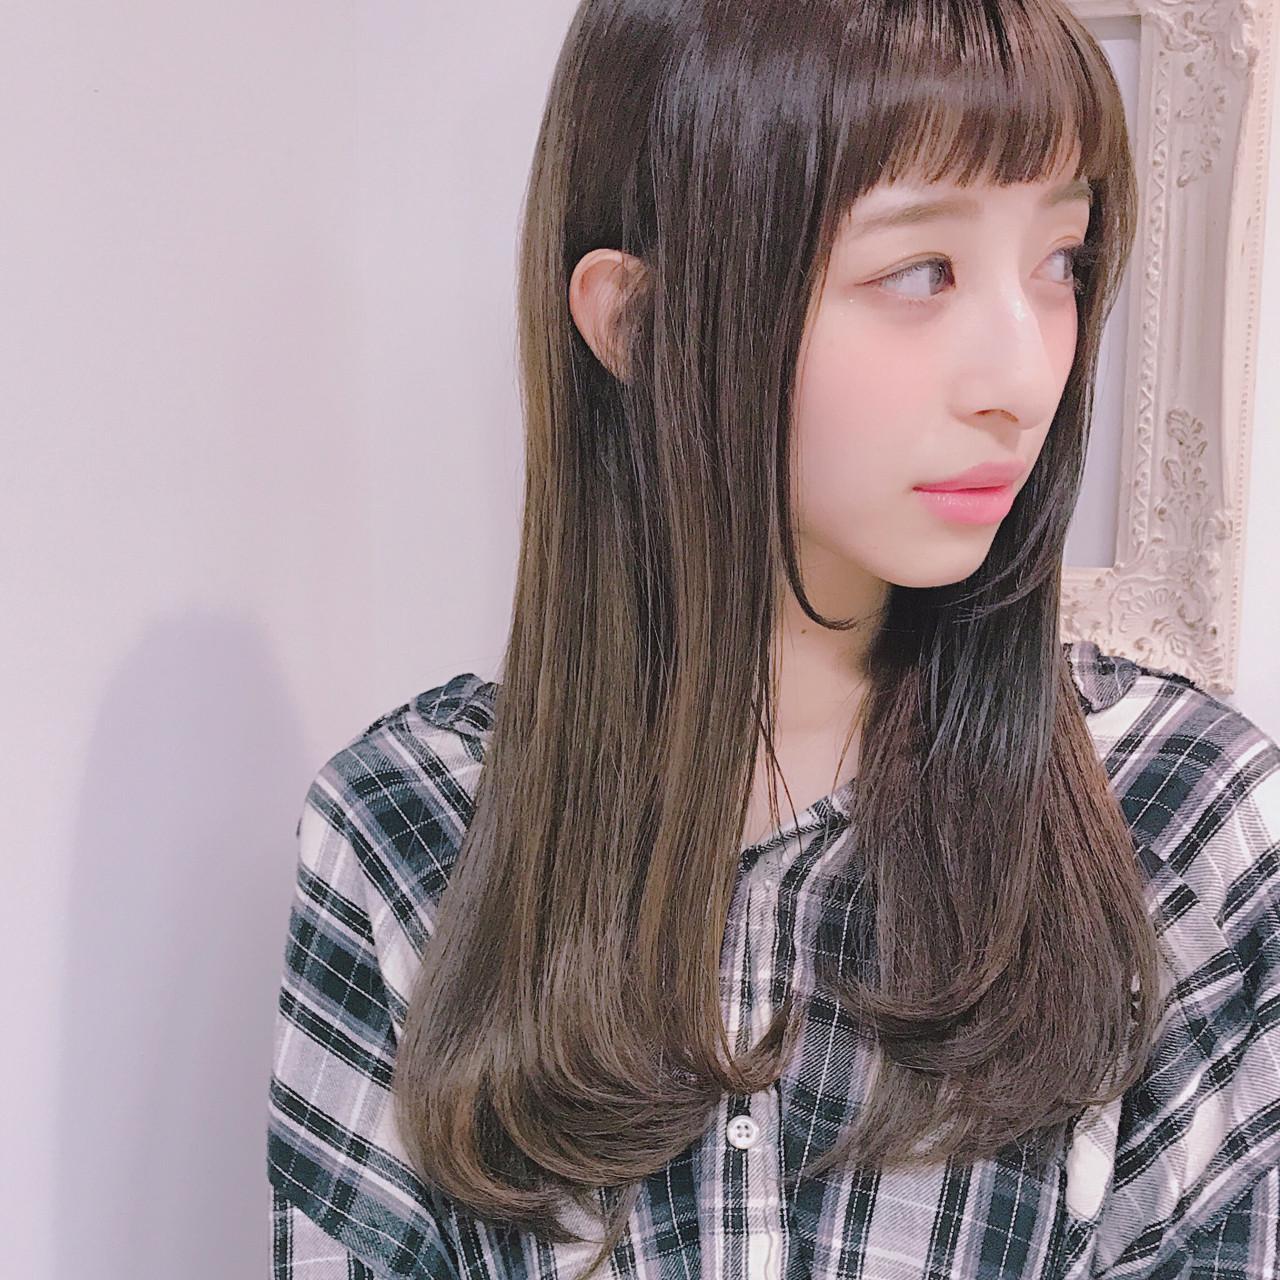 オン眉ぱっつん前髪でつくる垢抜け美人ヘア Wataru Maeda